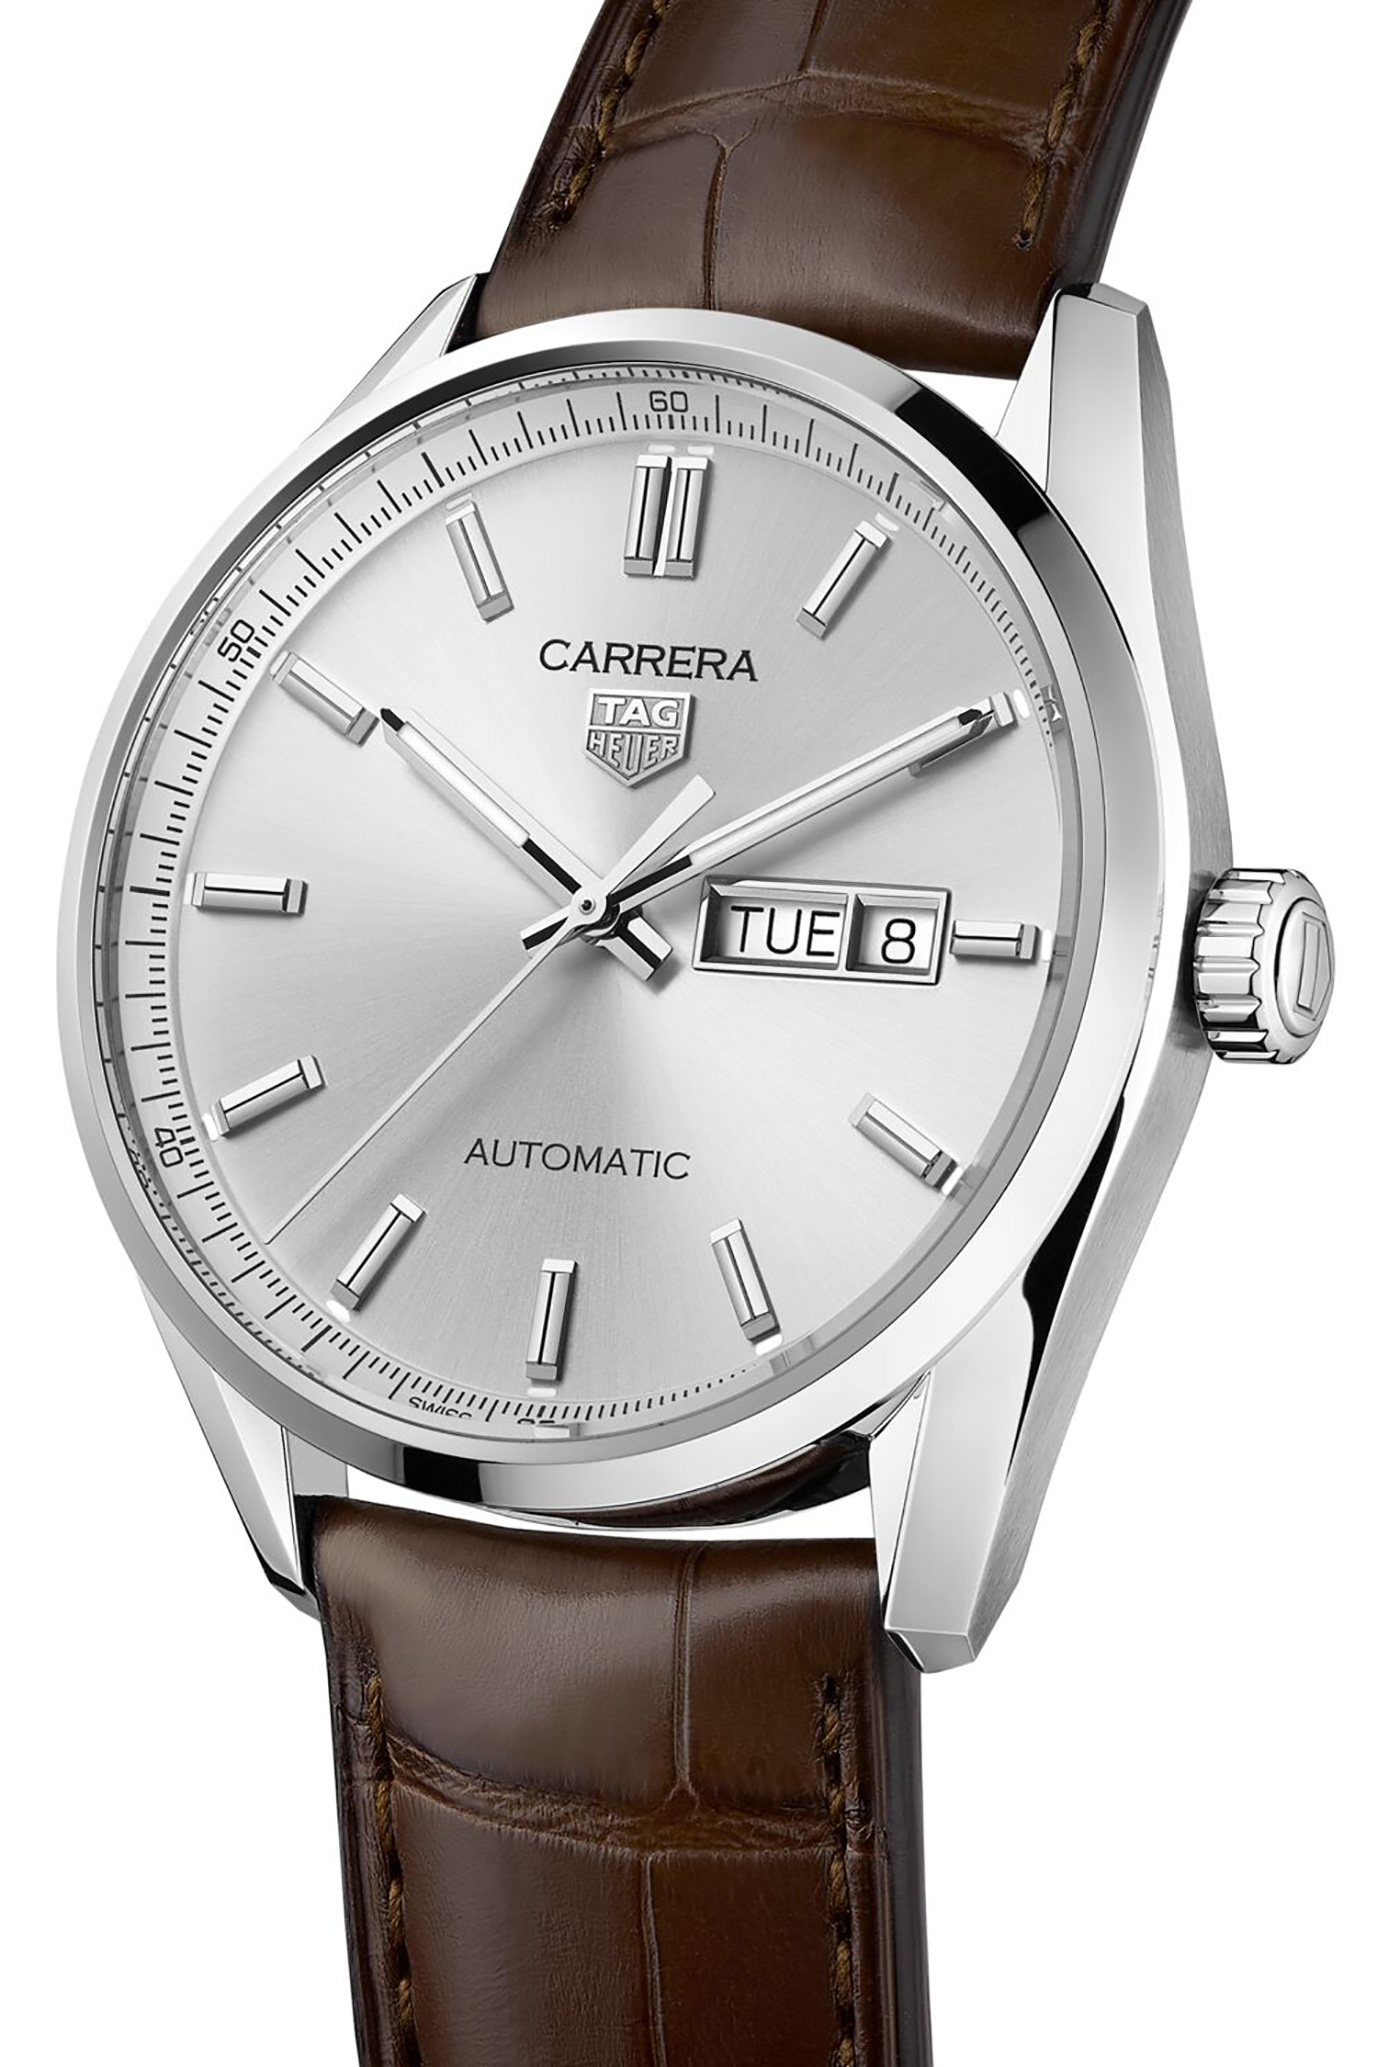 TAG Heuer представляет обновленную коллекцию часов Carrera